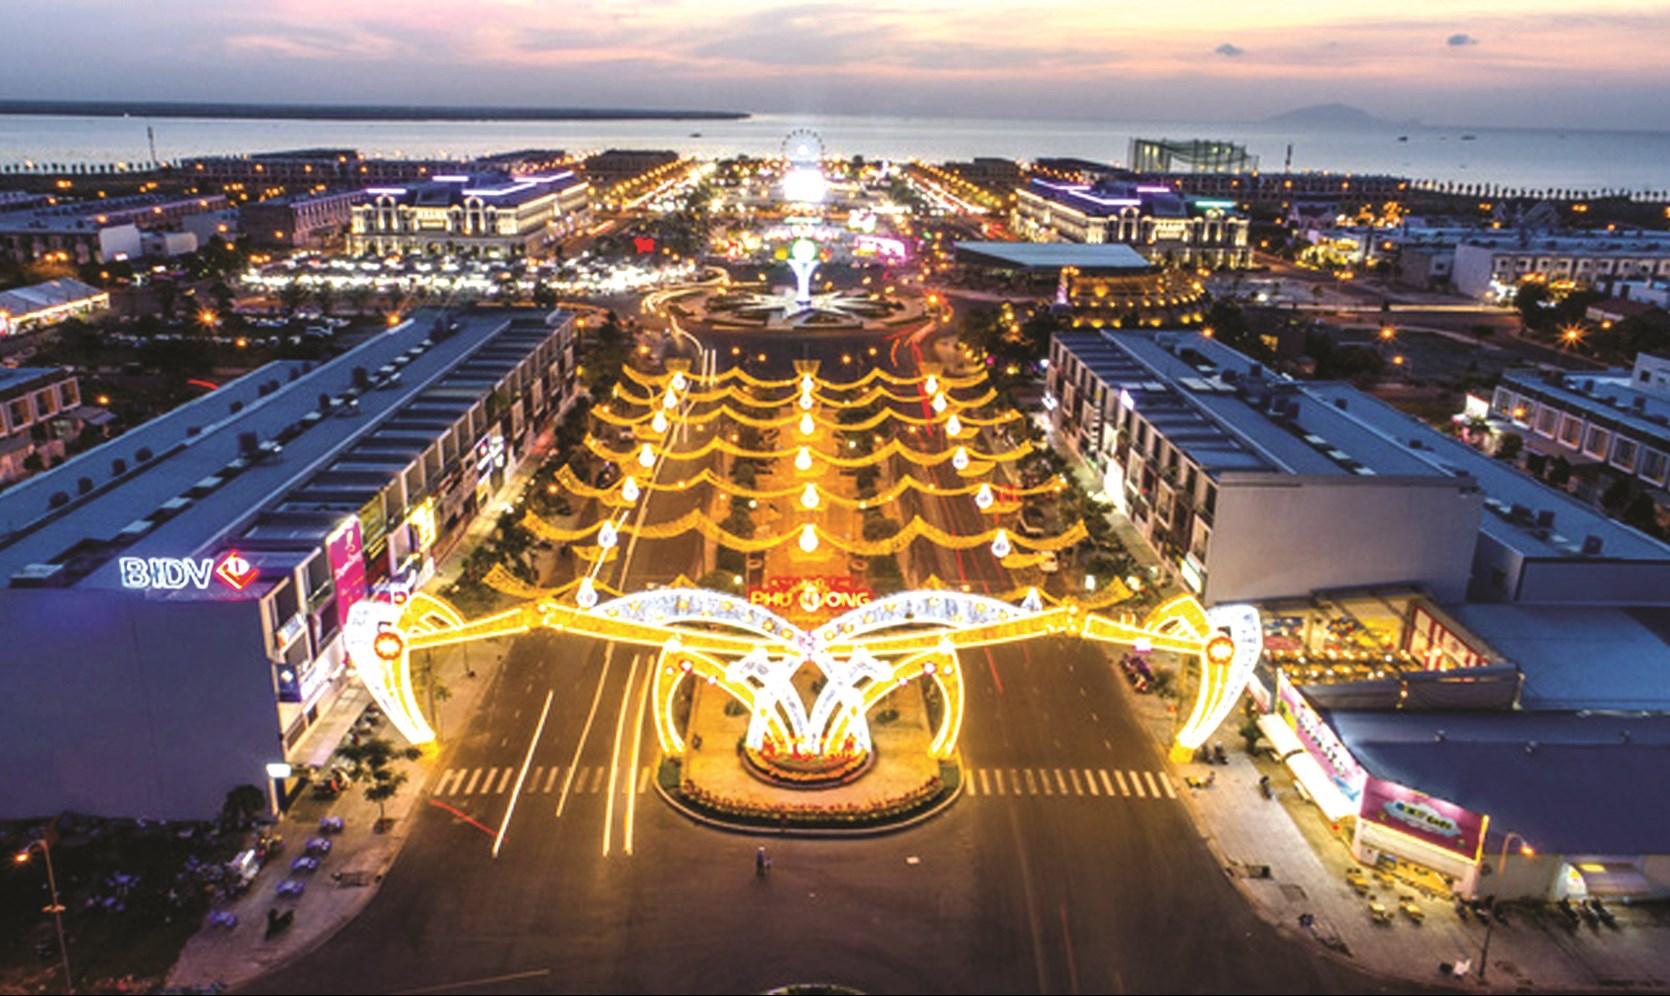 Kế hoạch sử dụng đất tỉnh Kiên Giang - Ảnh 1.